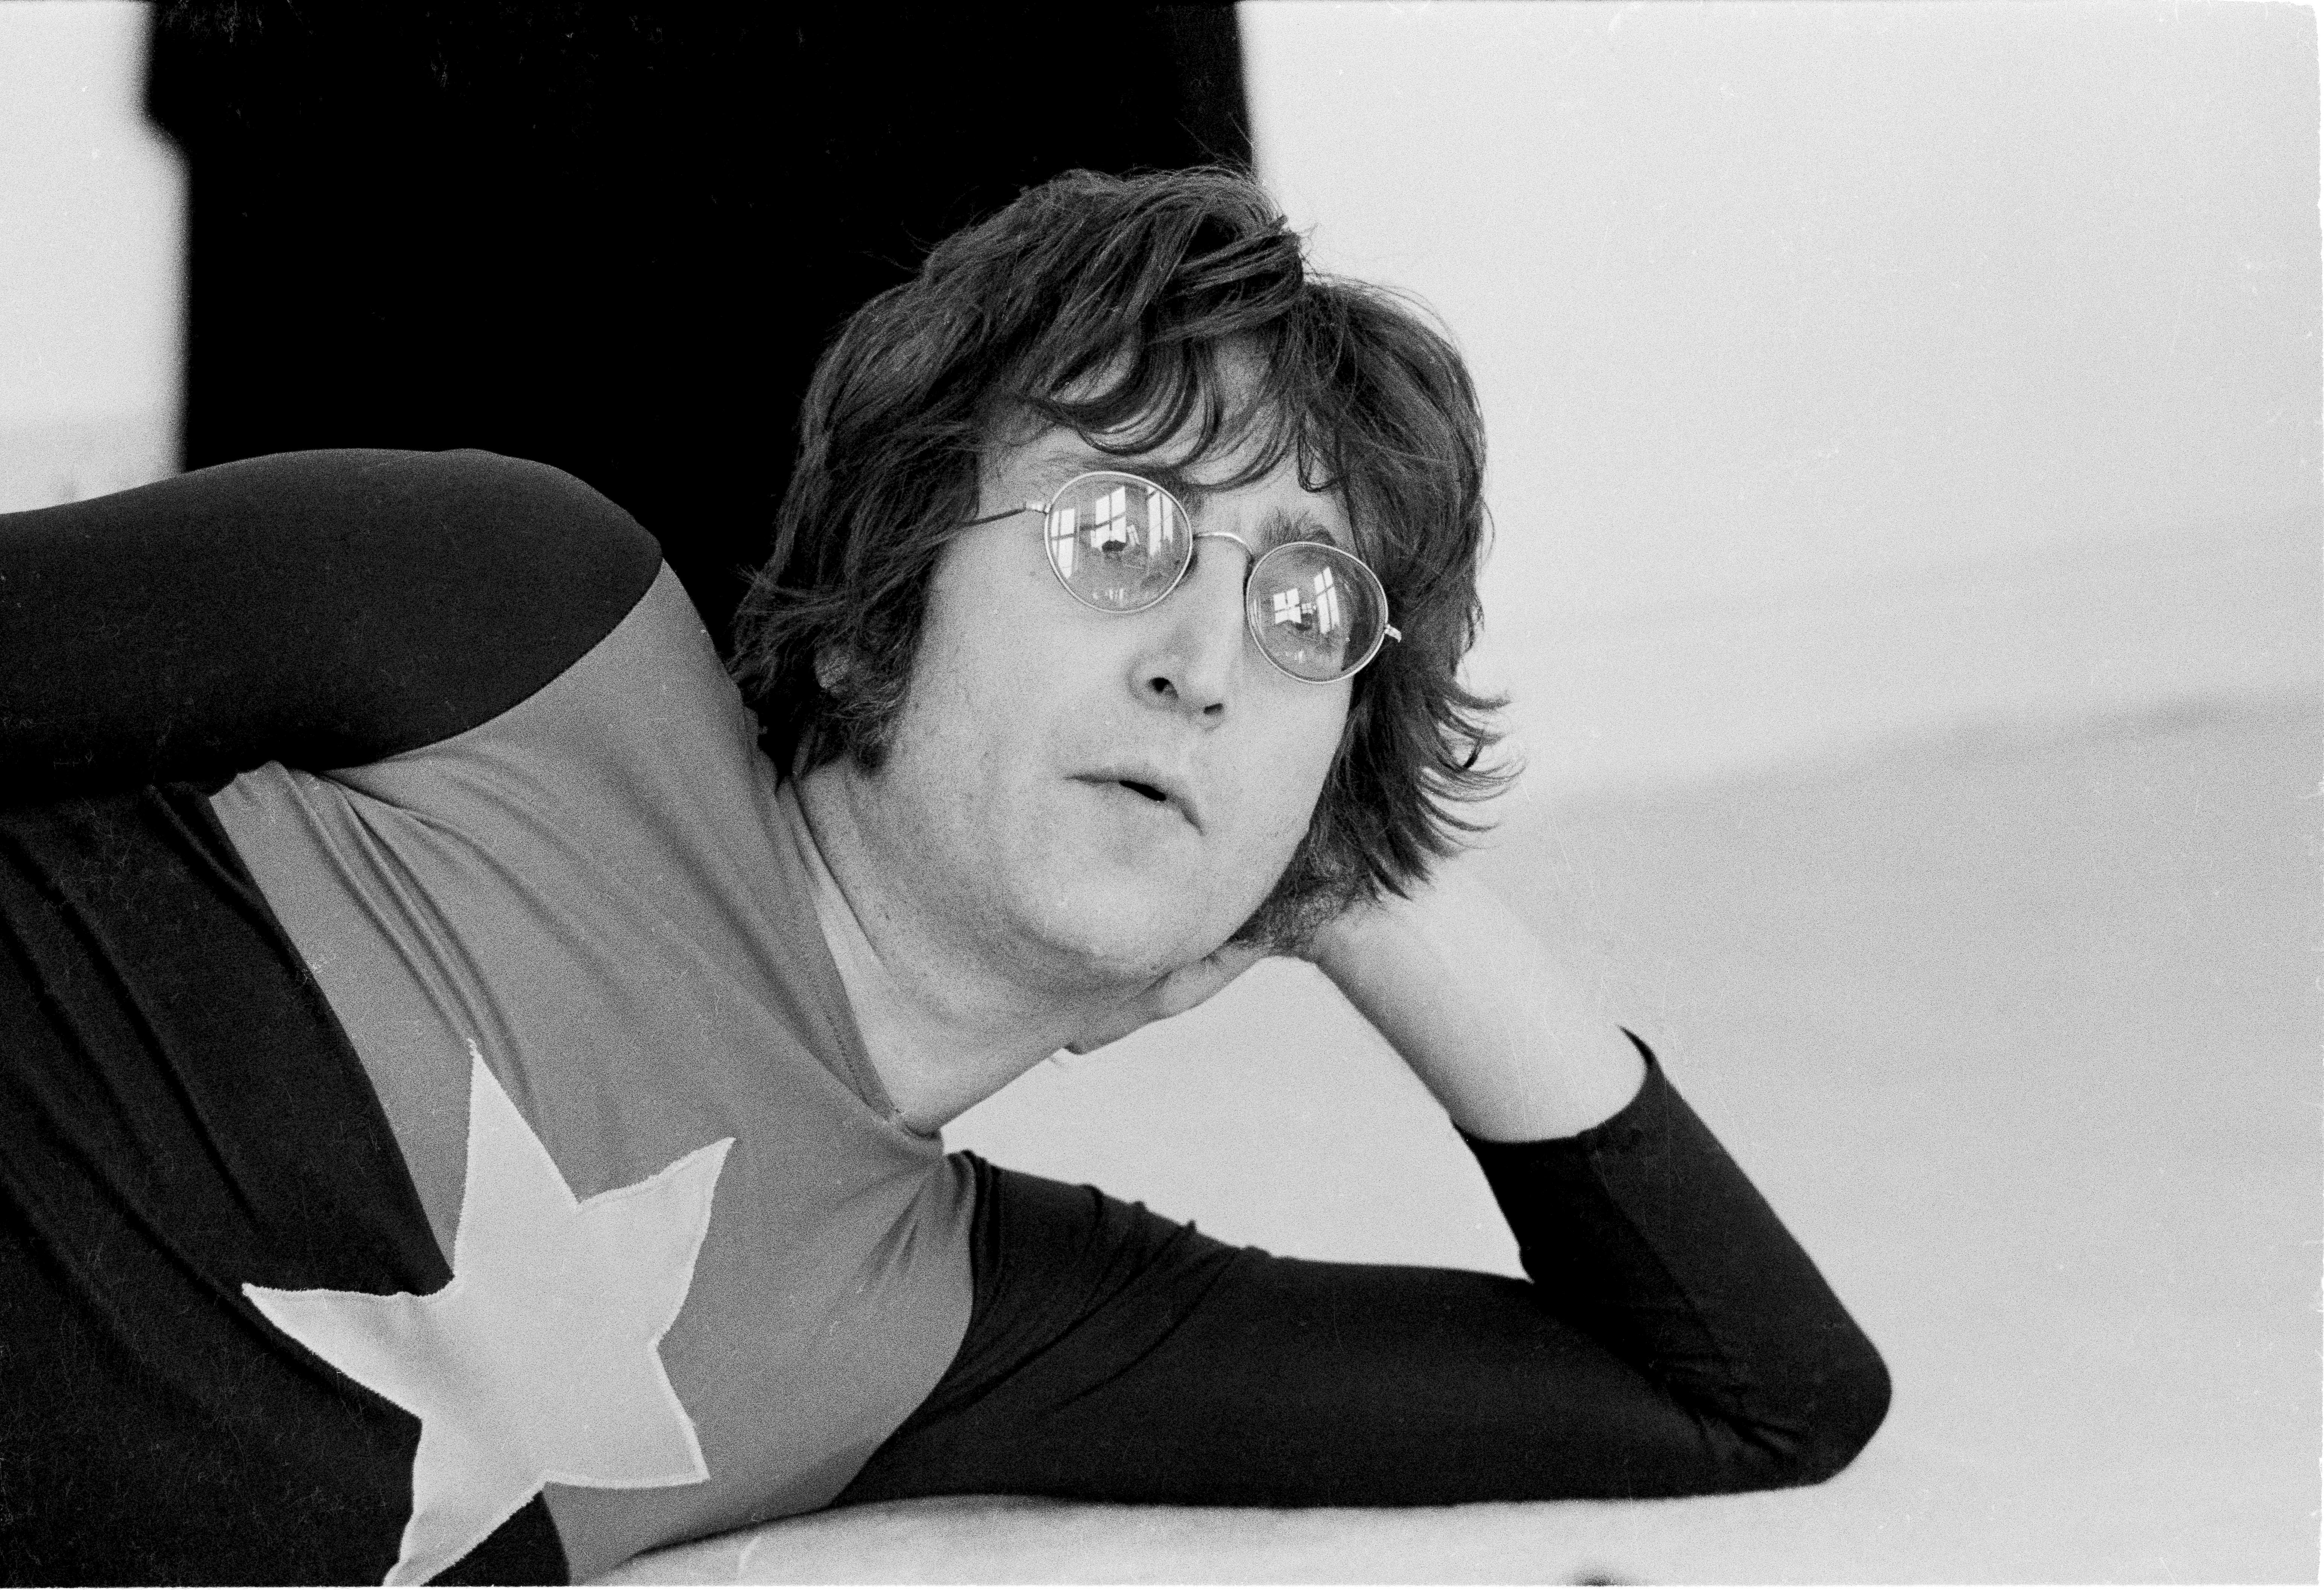 ¡Imagina esa cantidad! Las gafas de John Lennon fueron subastadas por casi tres y medio millones de pesos